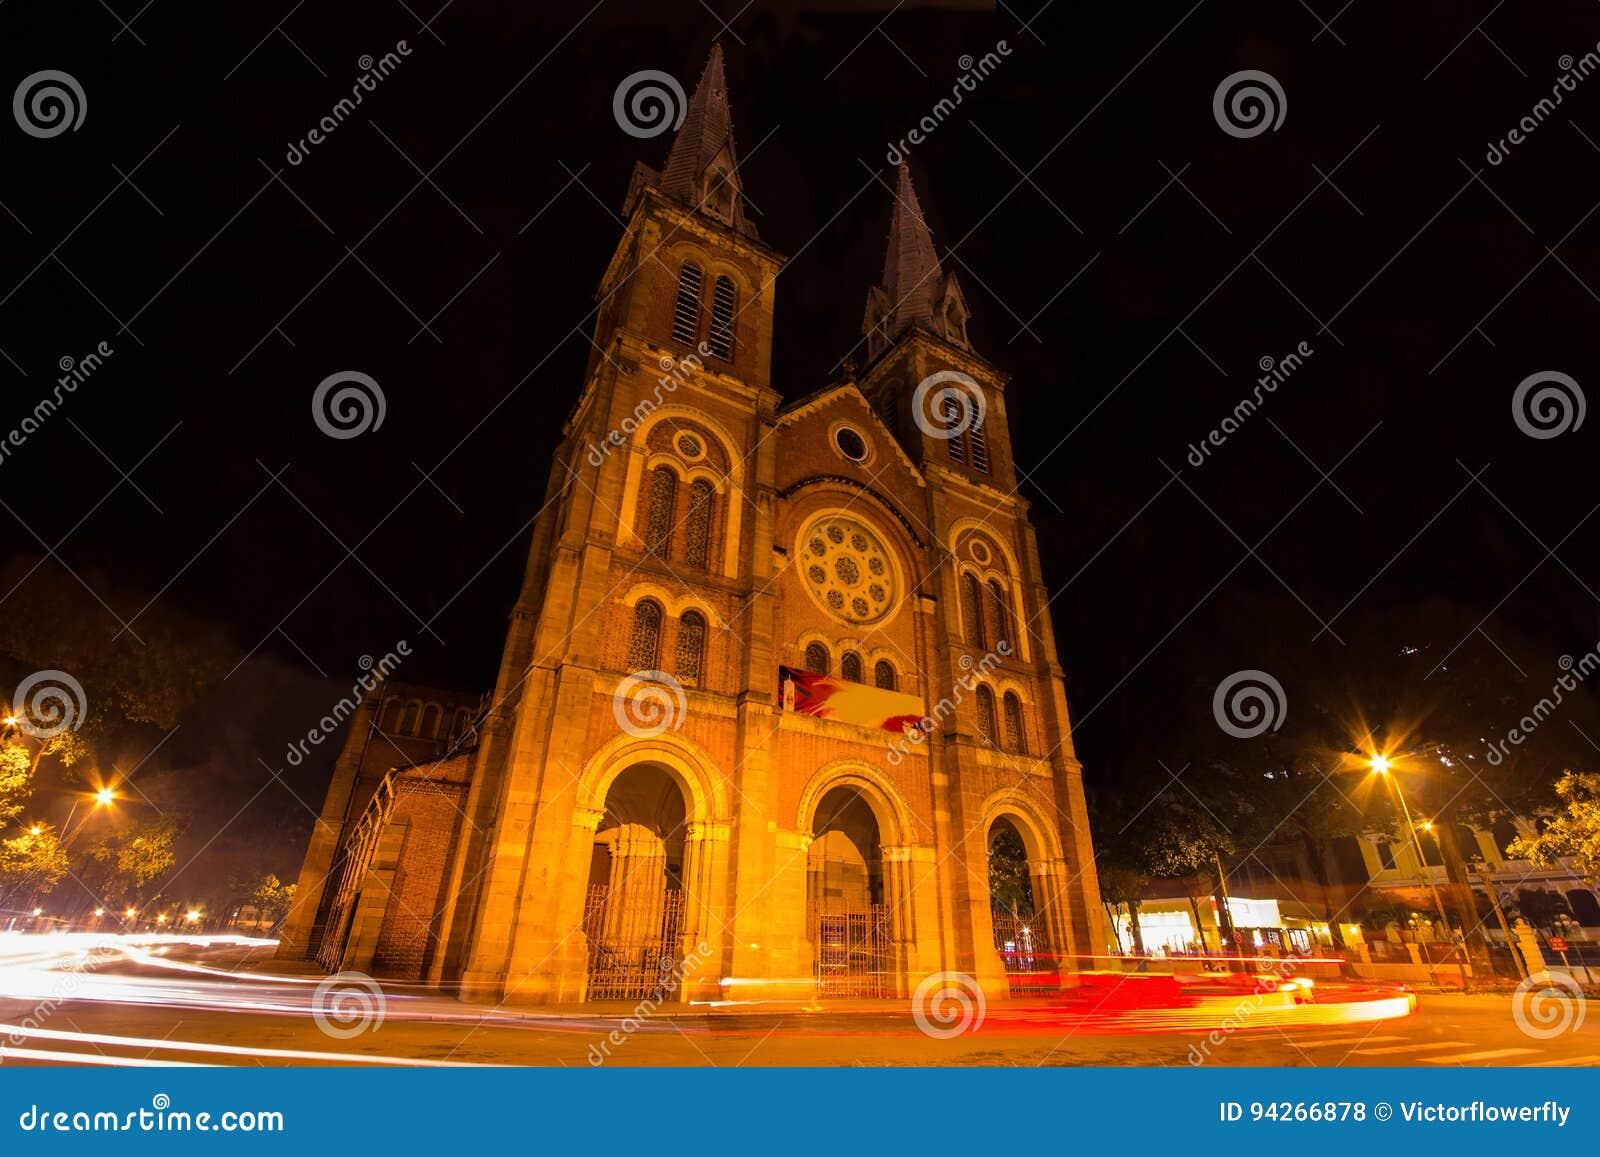 Άποψη νύχτας του καθεδρικού ναού της Notre Dame, πόλη Χο Τσι Μινχ, Βιετνάμ